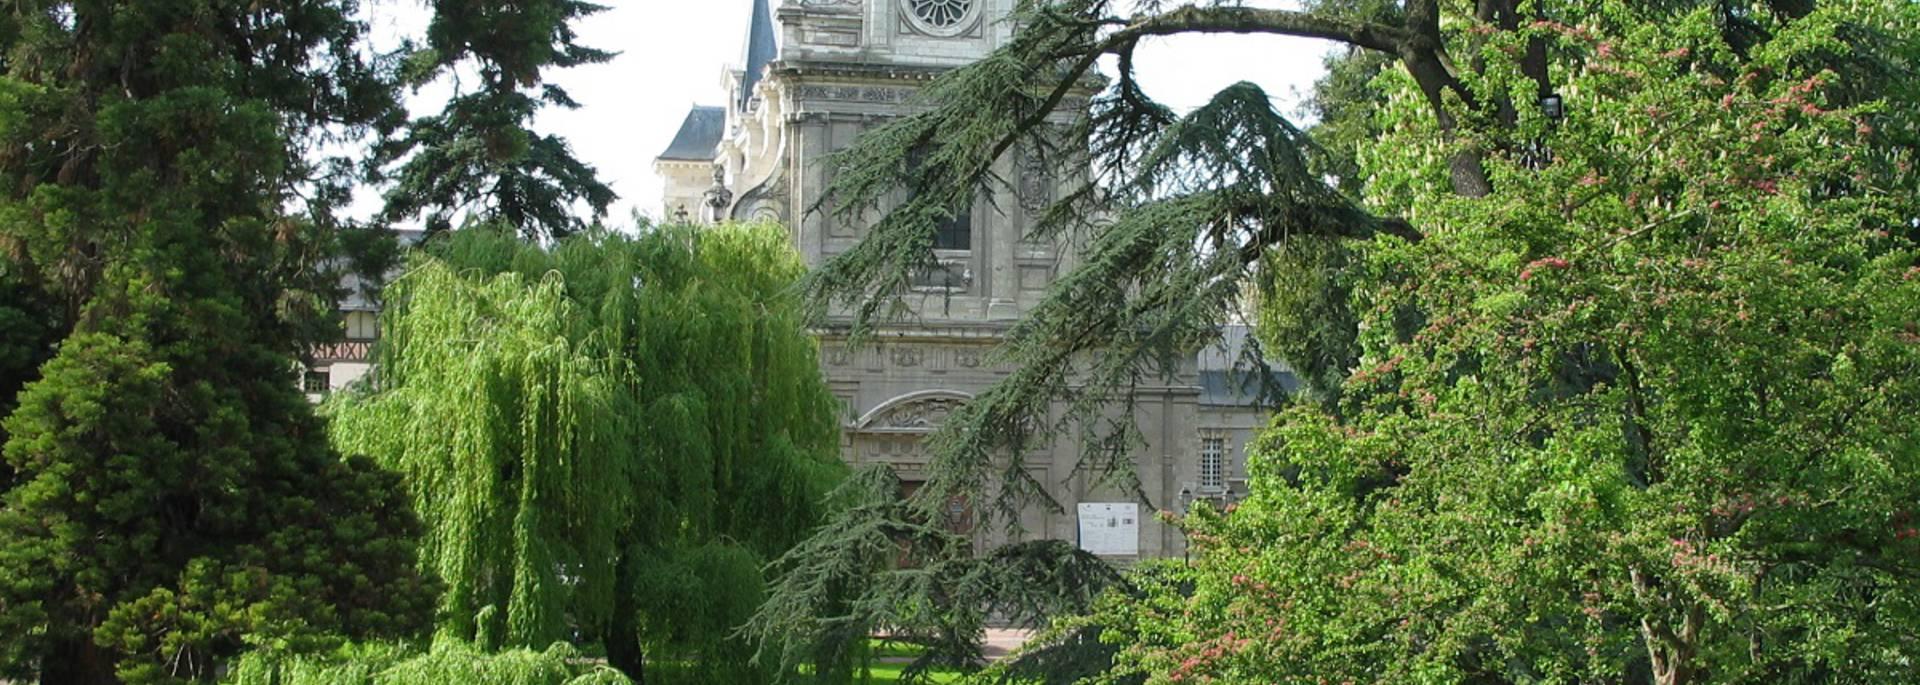 Il giardino Augustin Thierry a Blois